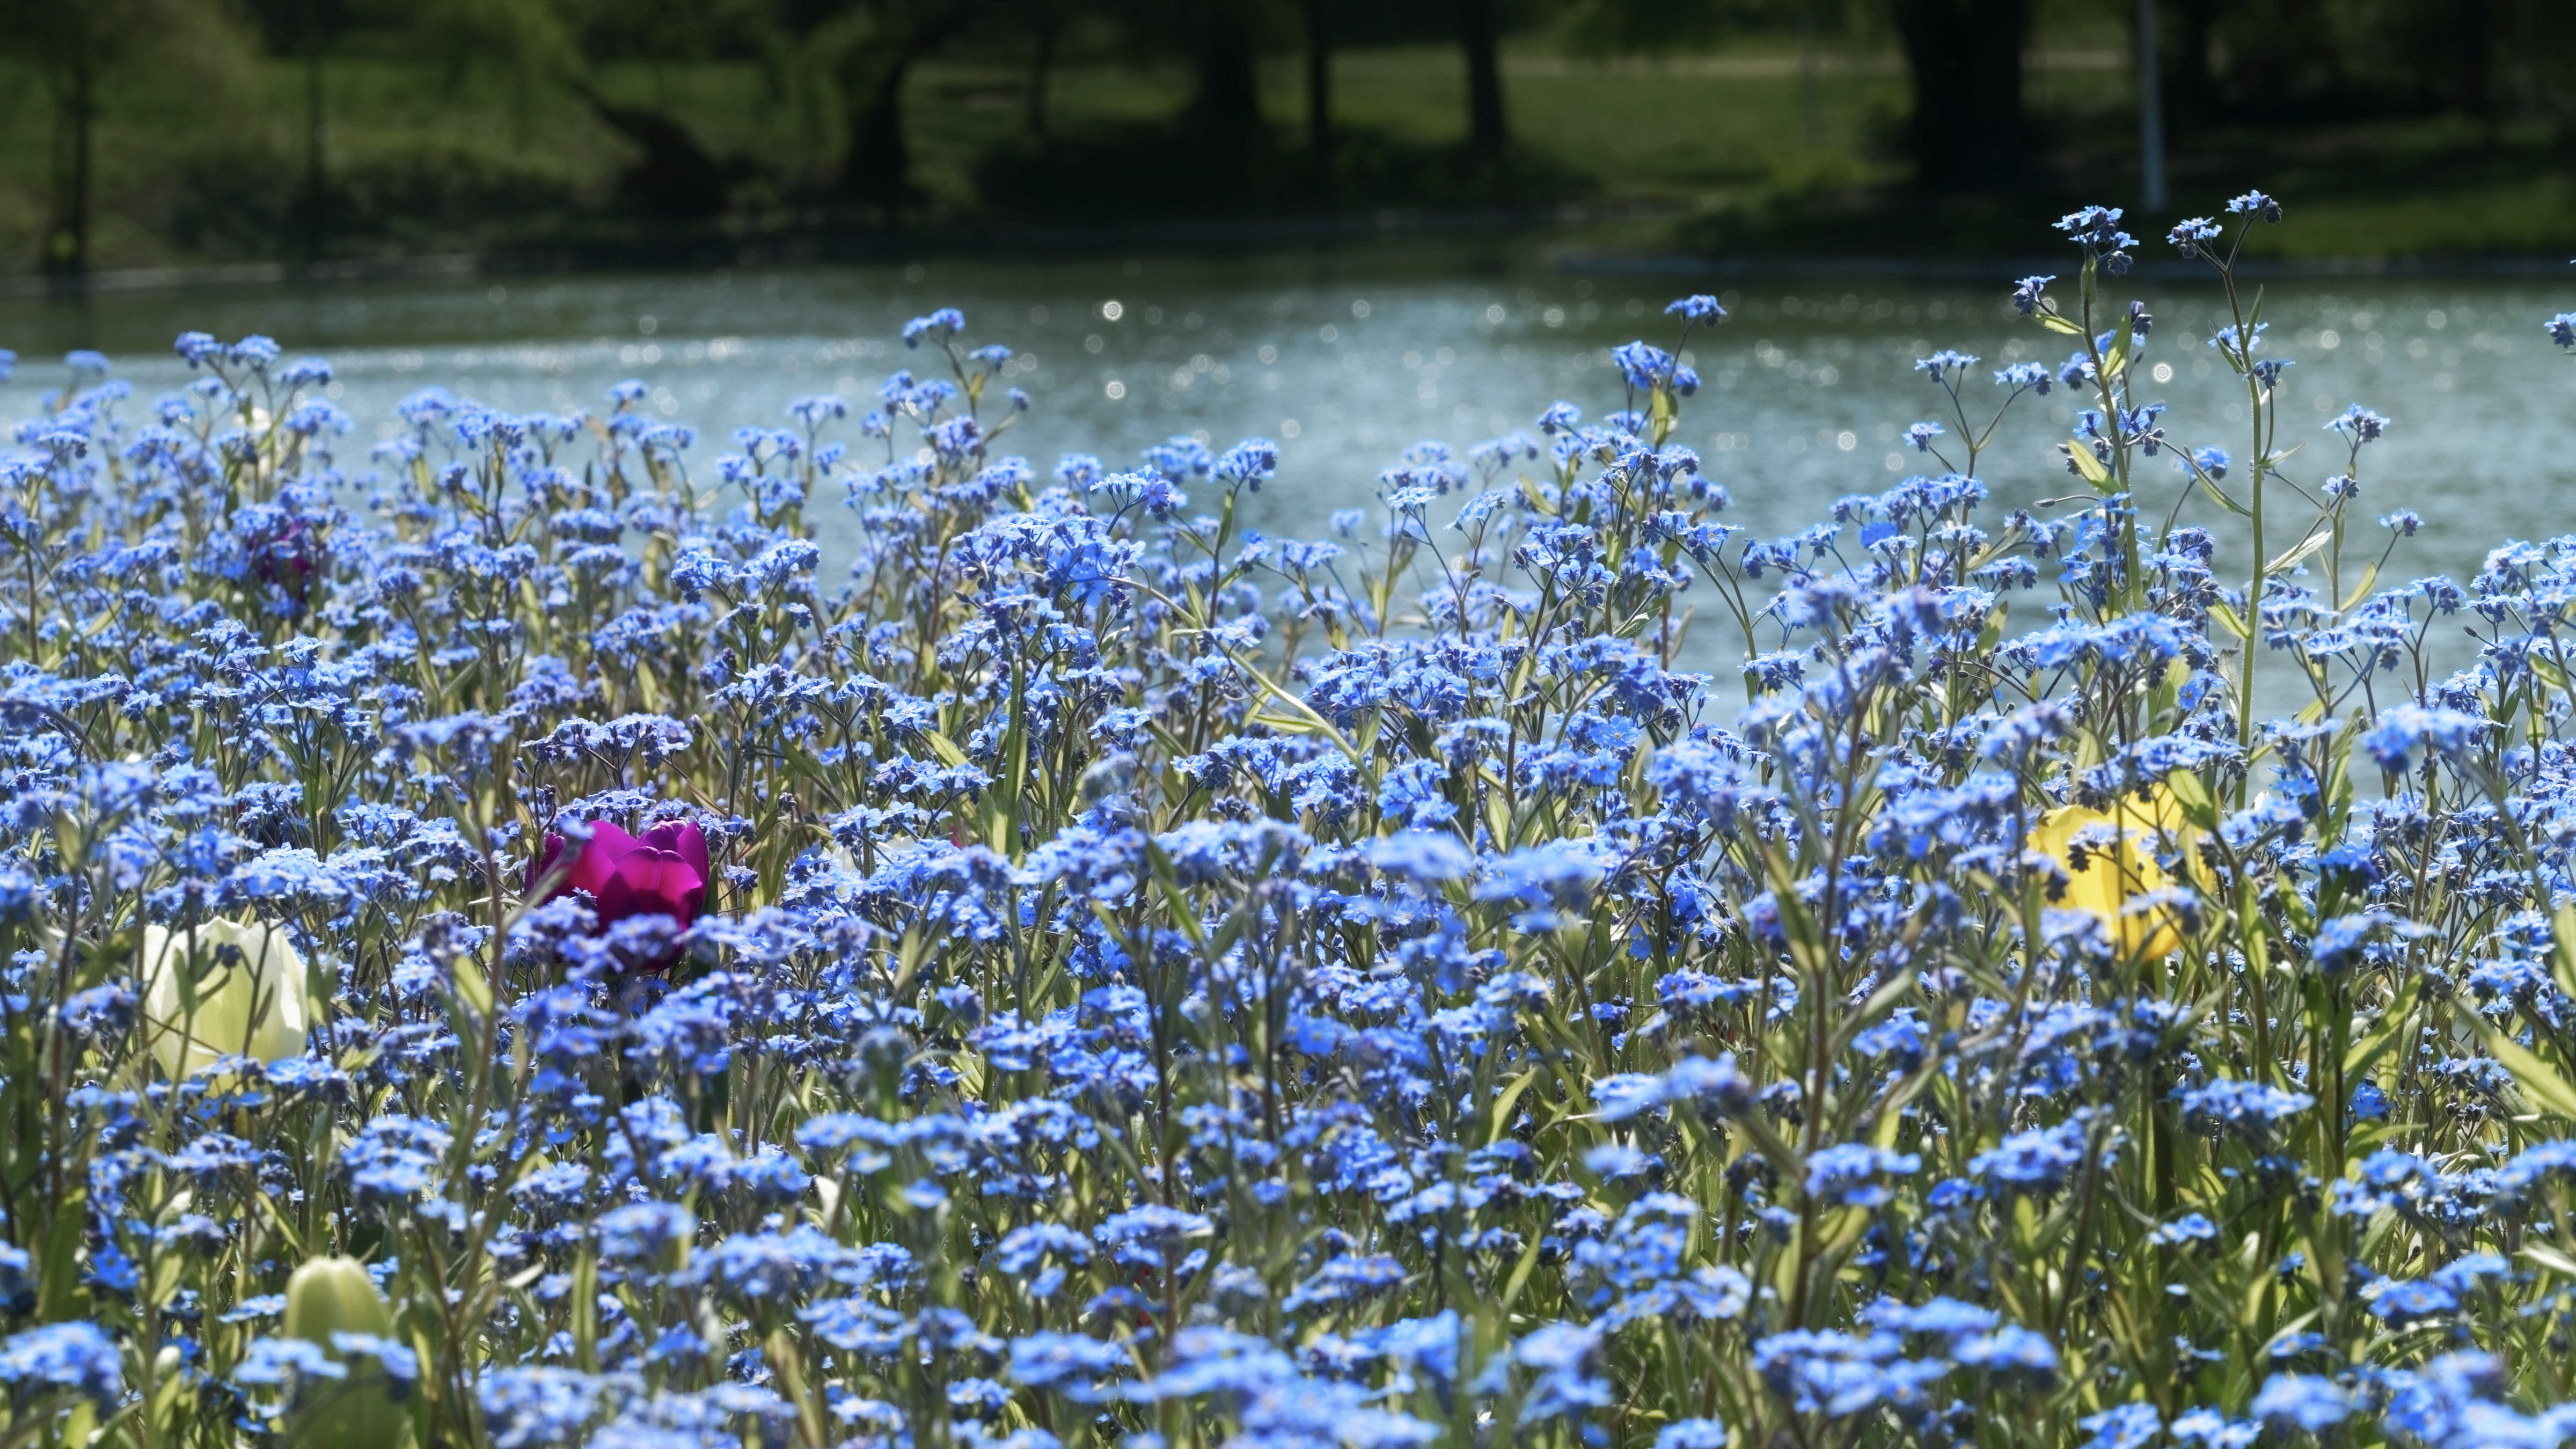 Kostenloses Stock Foto zu bäume, blau, blauen blüten, blumen